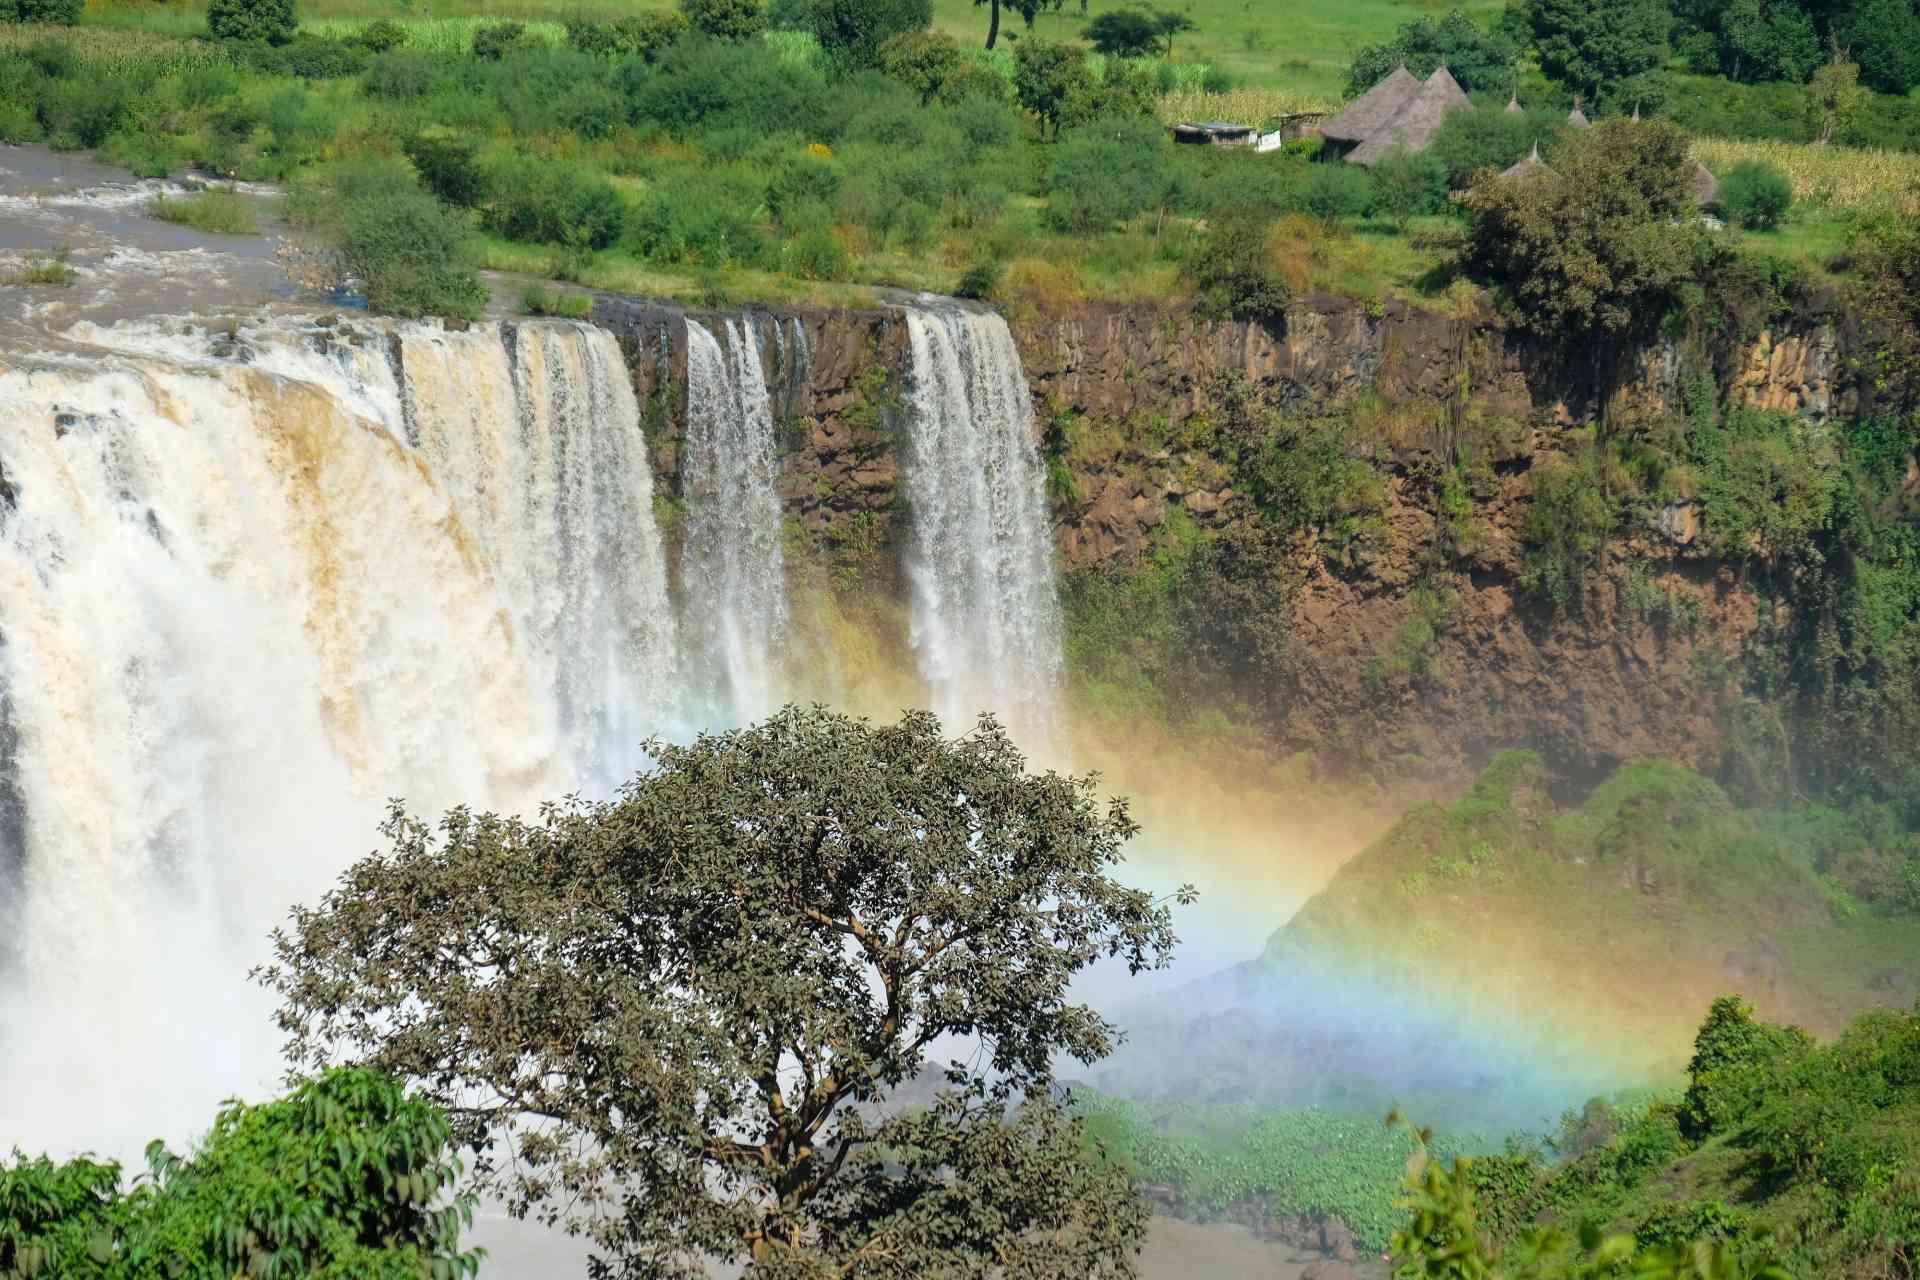 Blue Nile Falls, Ethiopia by Daniele Levis Pelusi